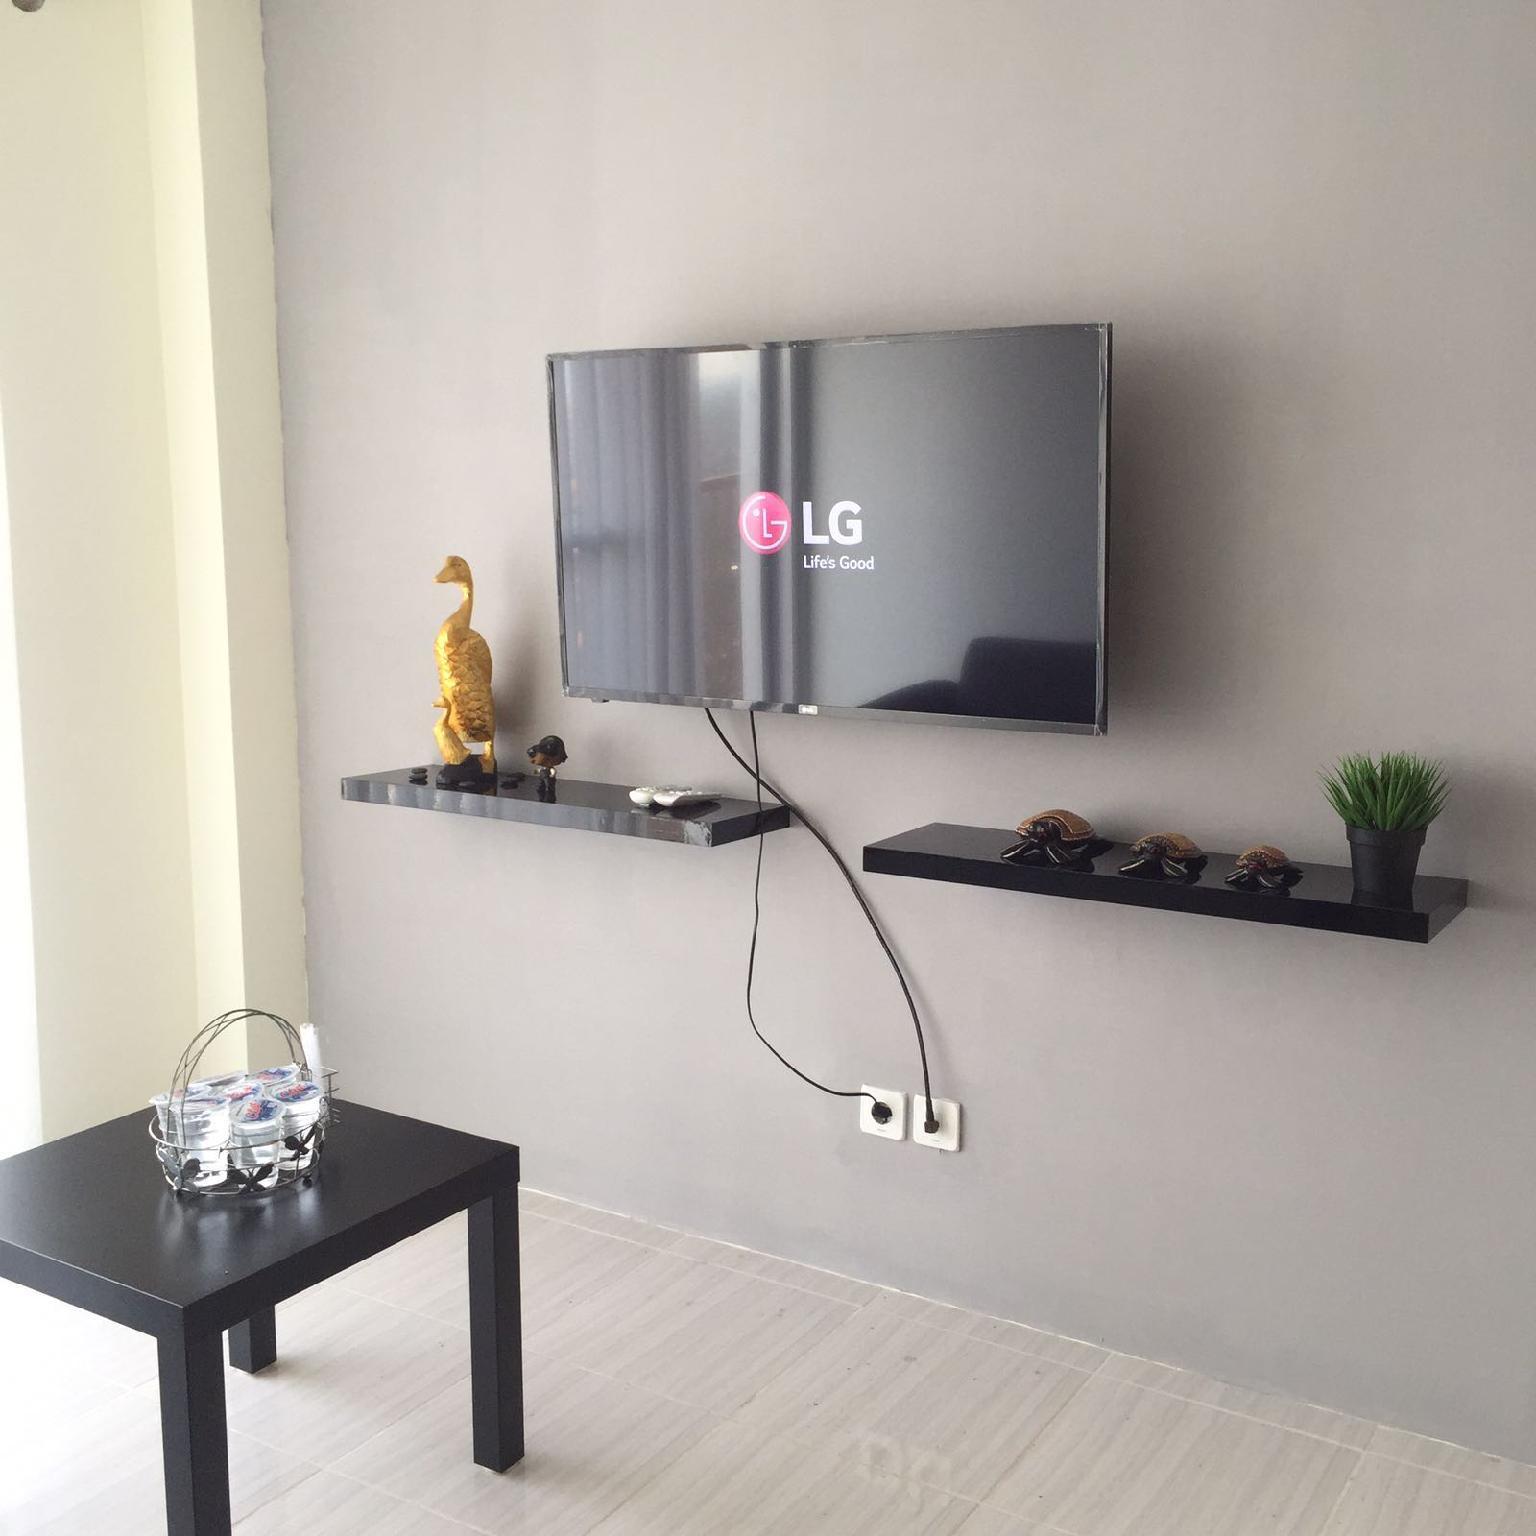 Review 2 cozy bedroom apartement merr for rent